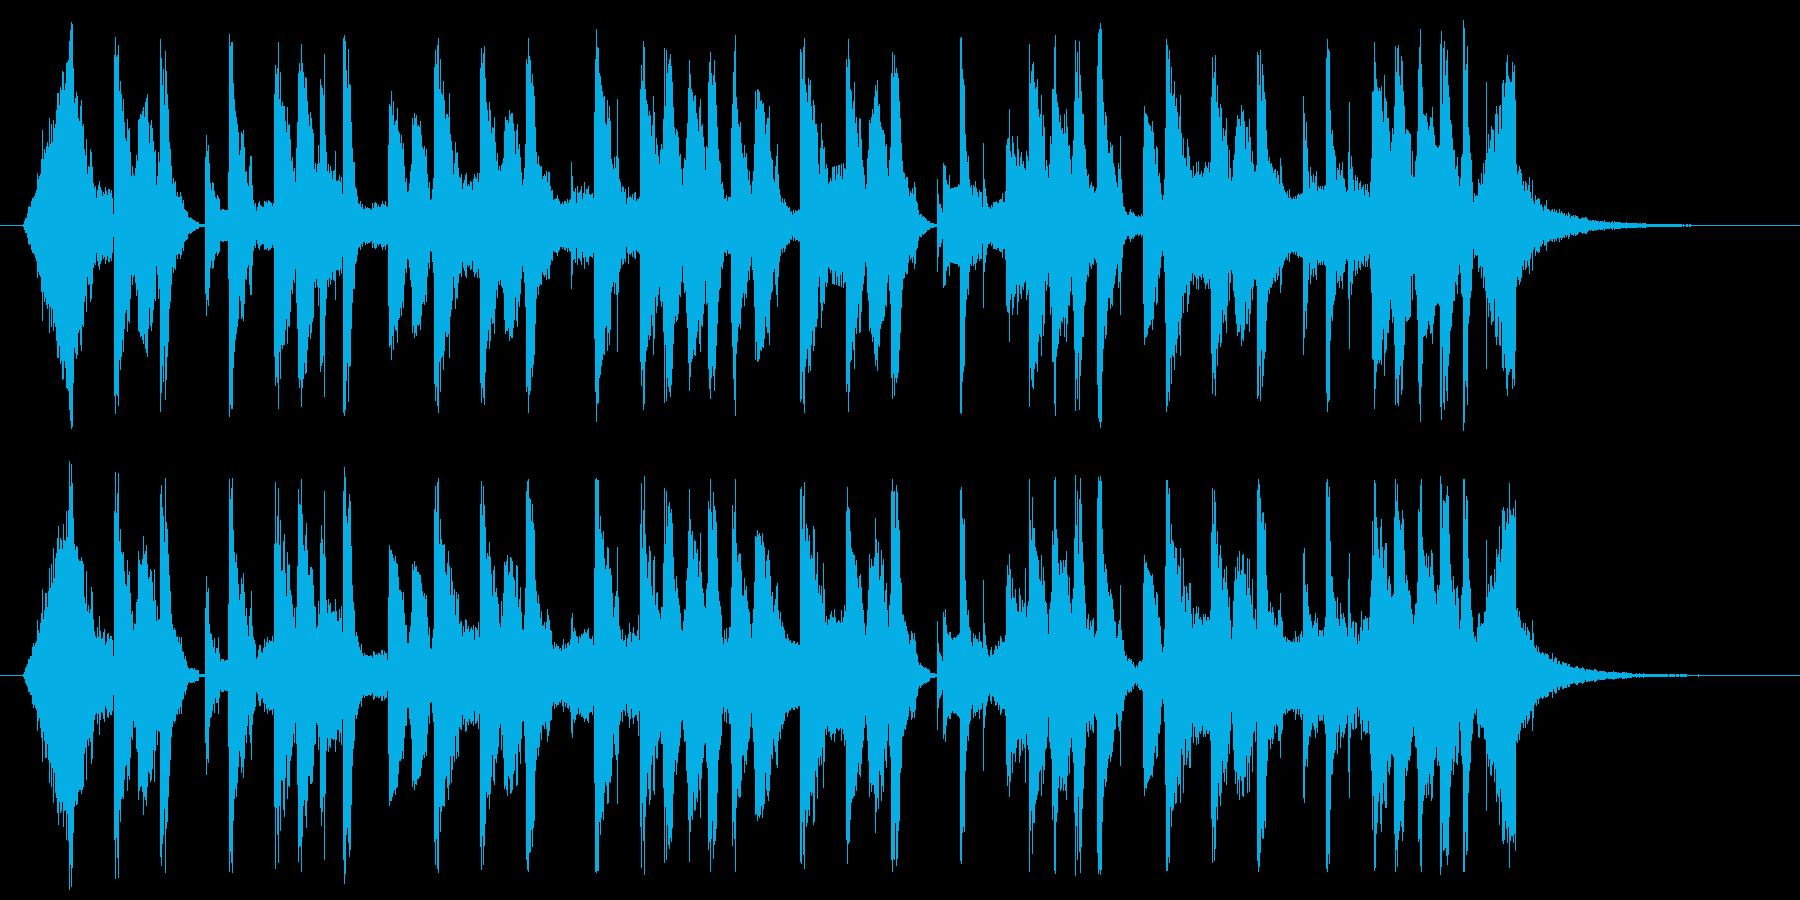 アメリカンポップなちょい長めジングルの再生済みの波形